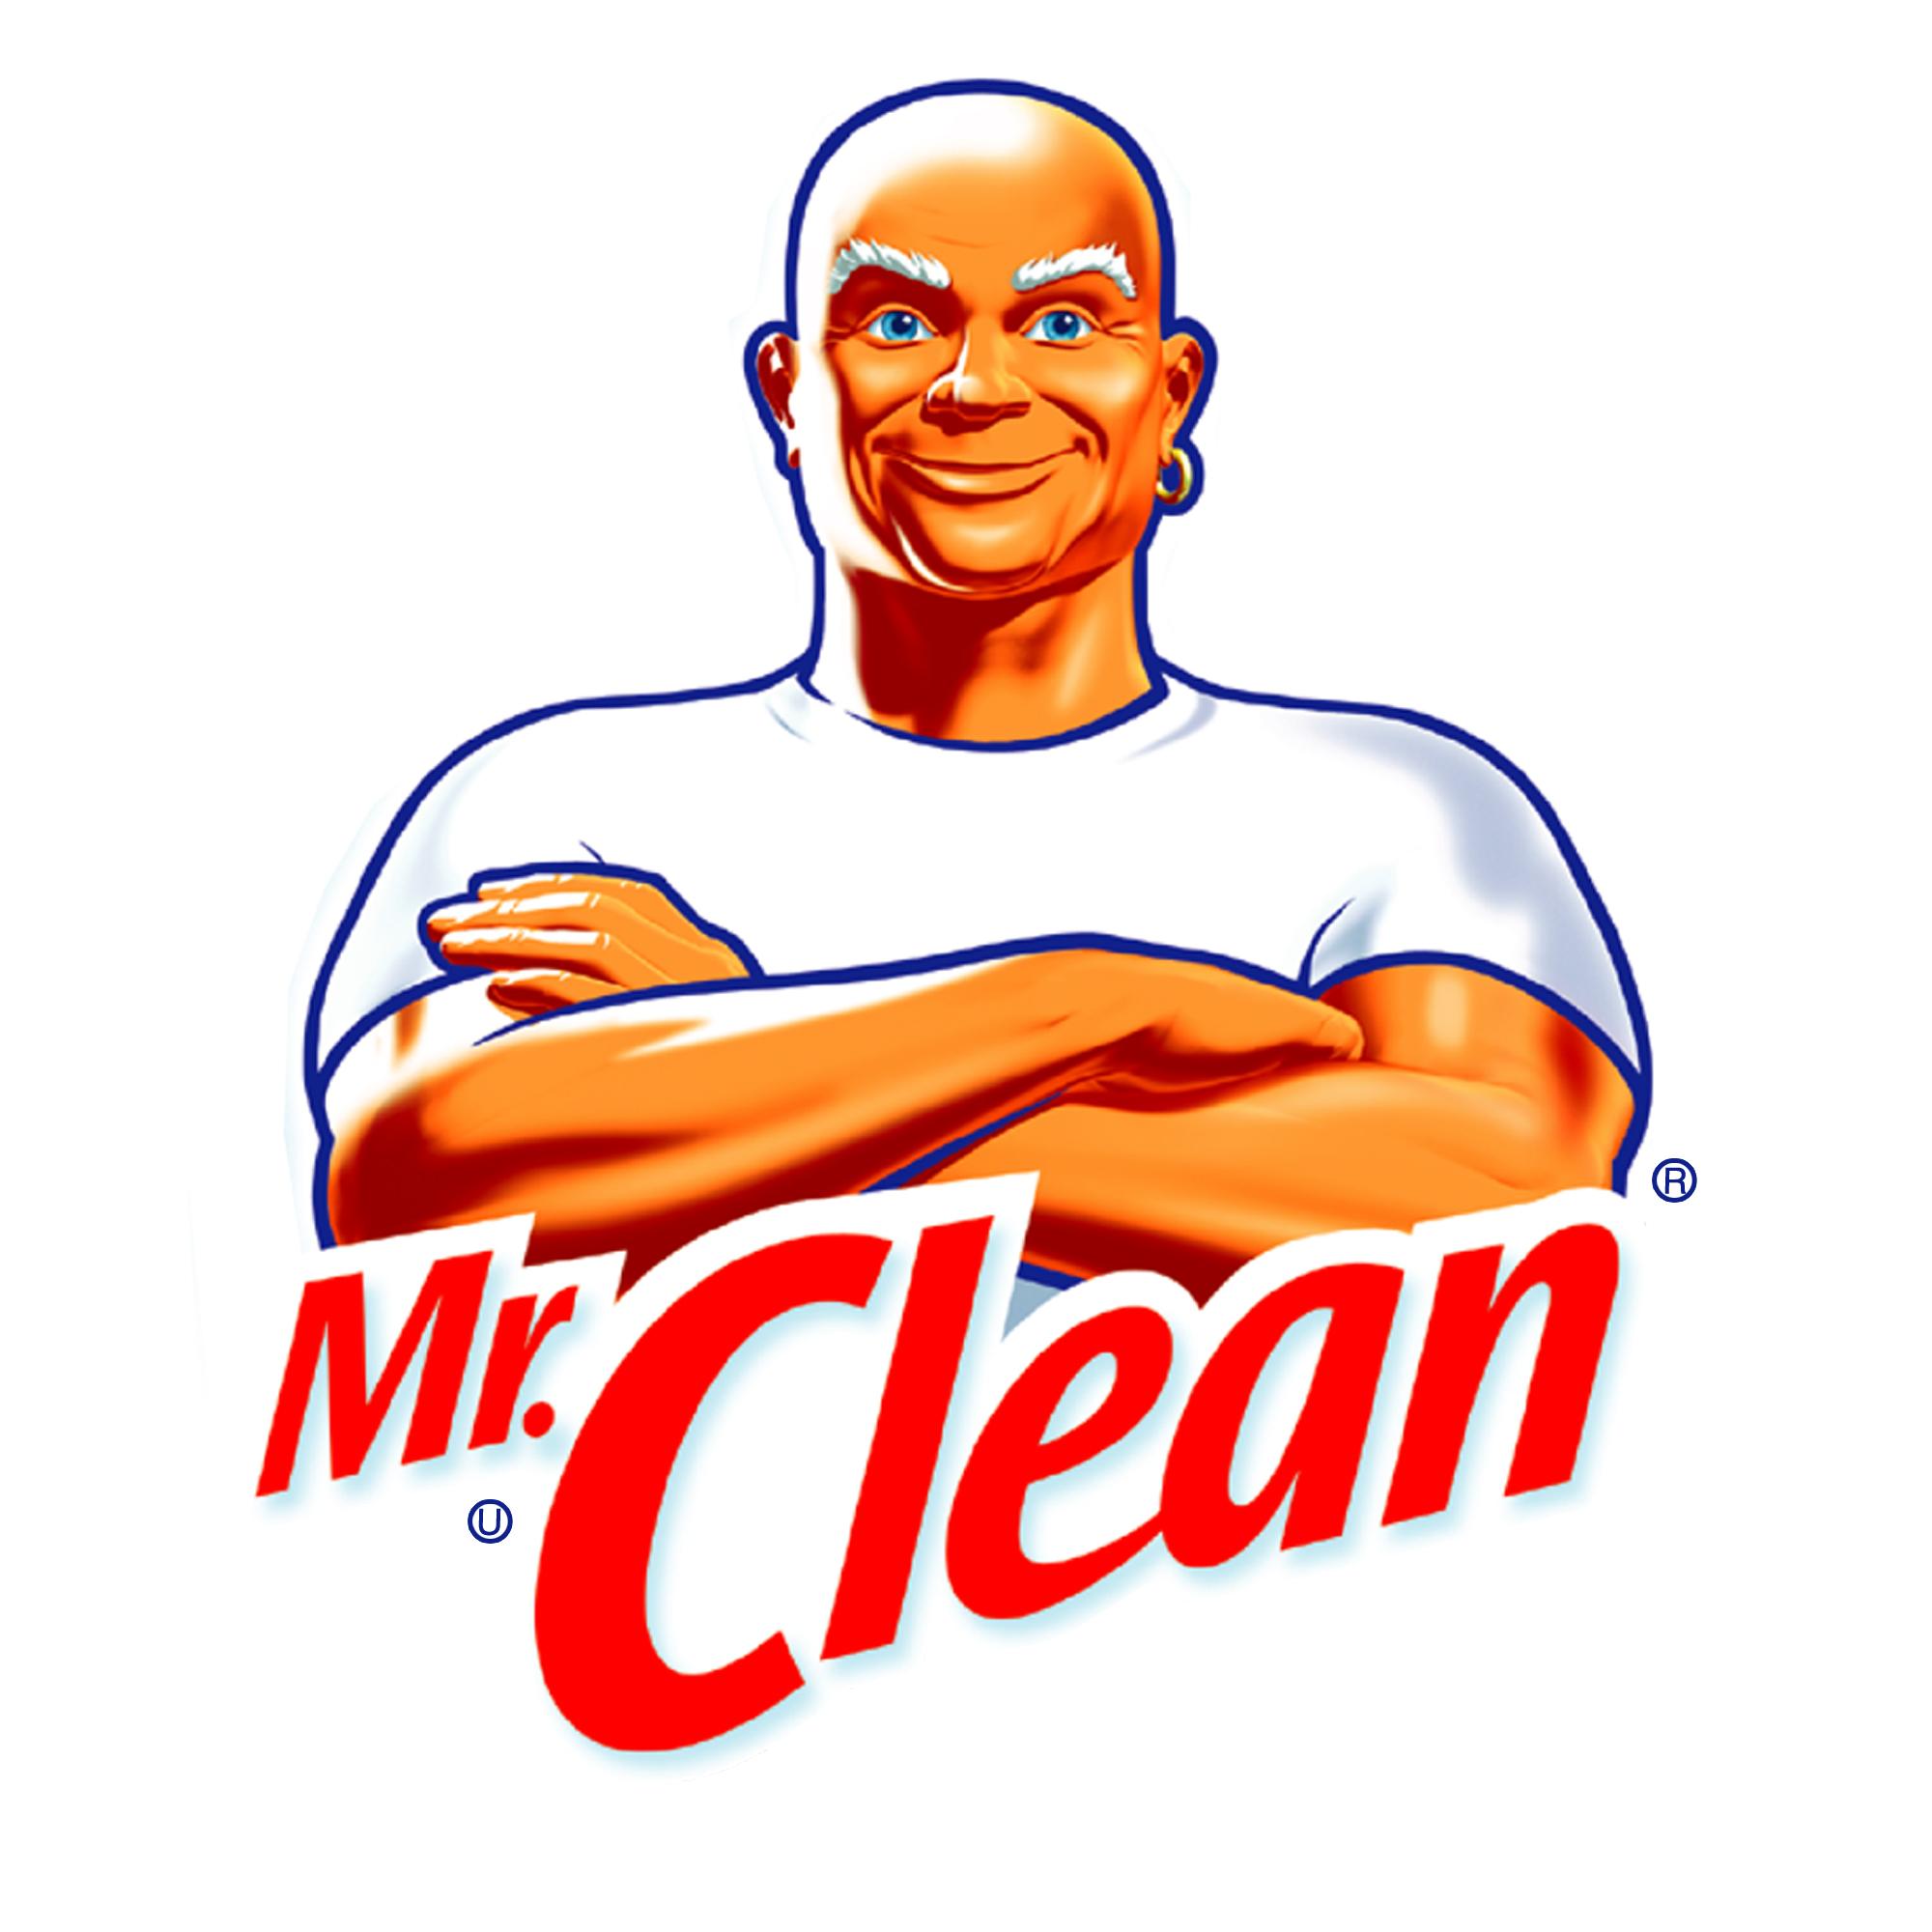 6T9Uuz7gT2o3EGCbrSwV_mr._clean.jpg